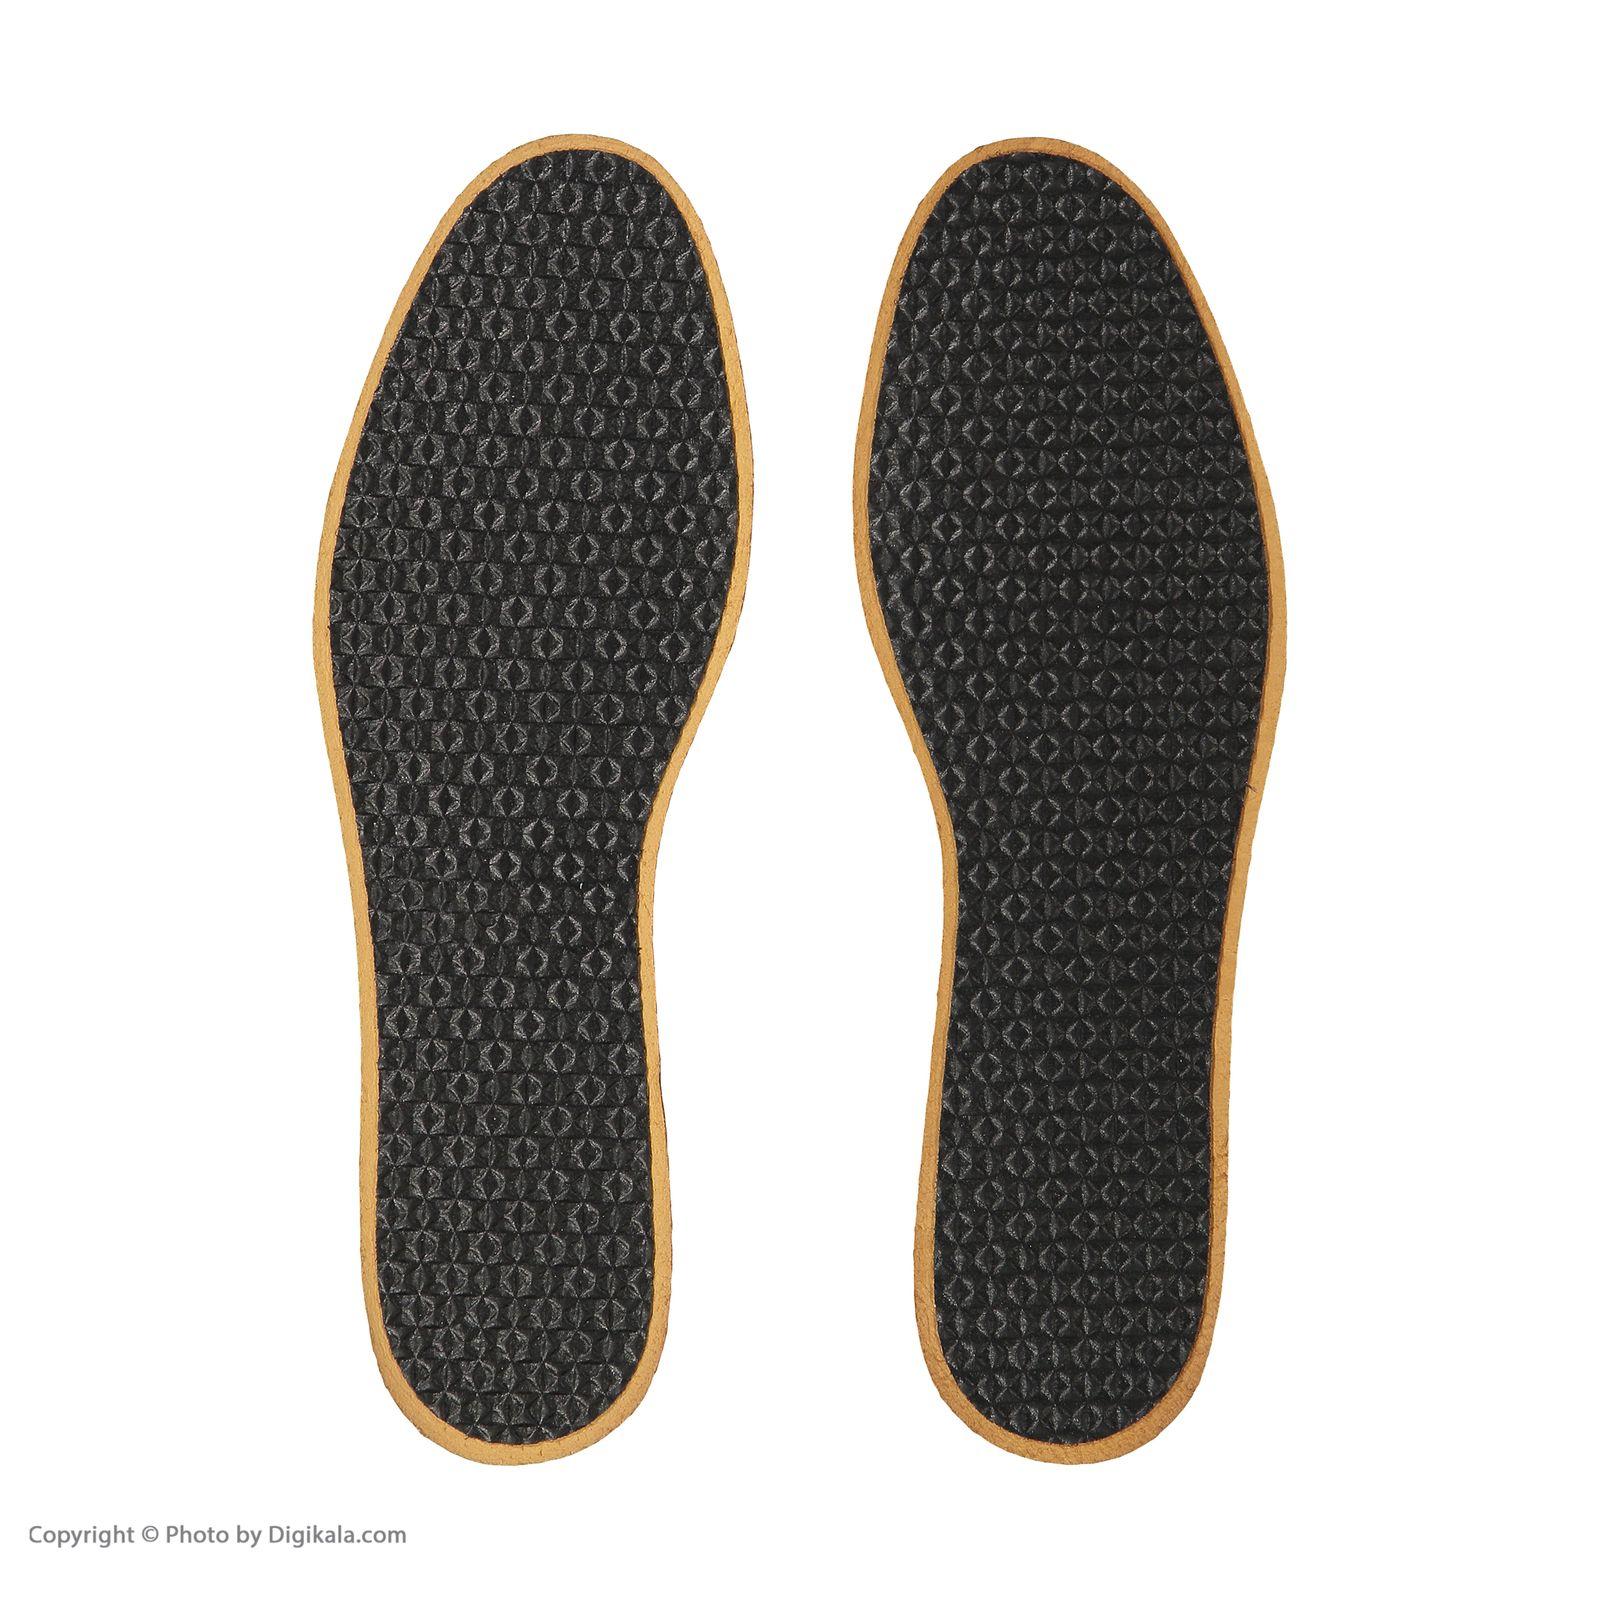 کفي کفش کوایمبرا مدل 1019042 سایز 42 -  - 4